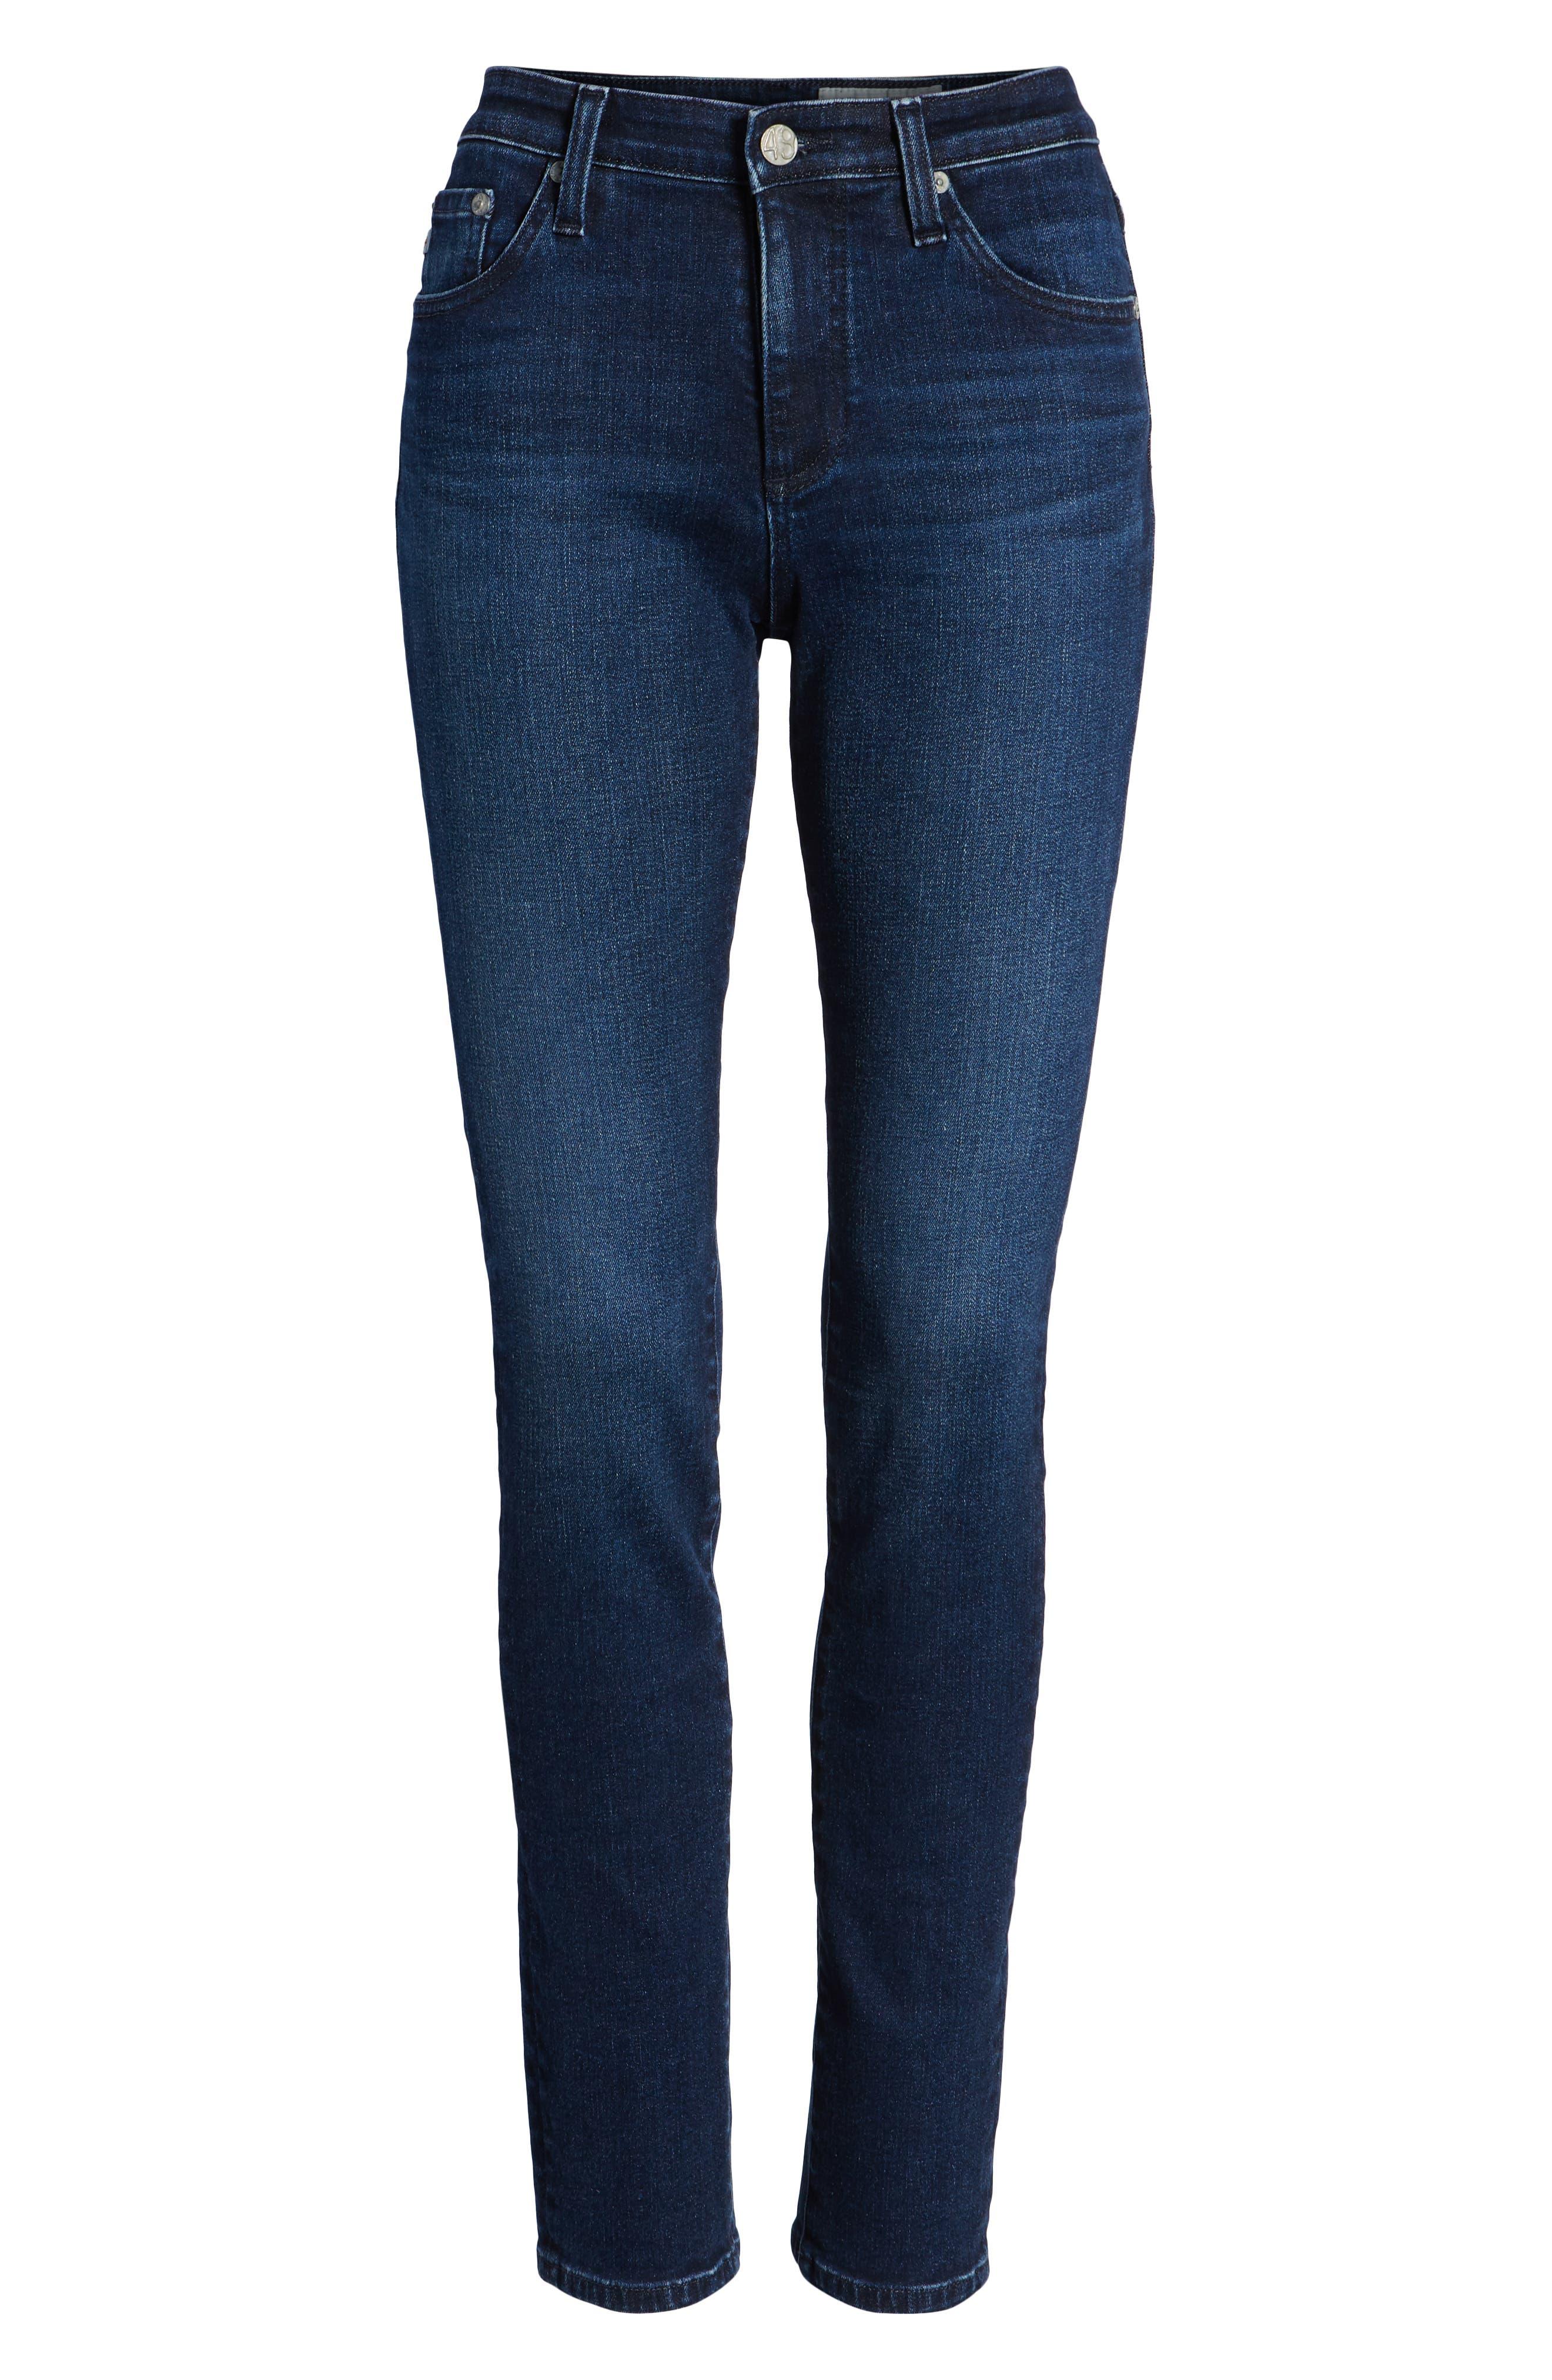 Prima Skinny Jeans,                             Alternate thumbnail 7, color,                             416